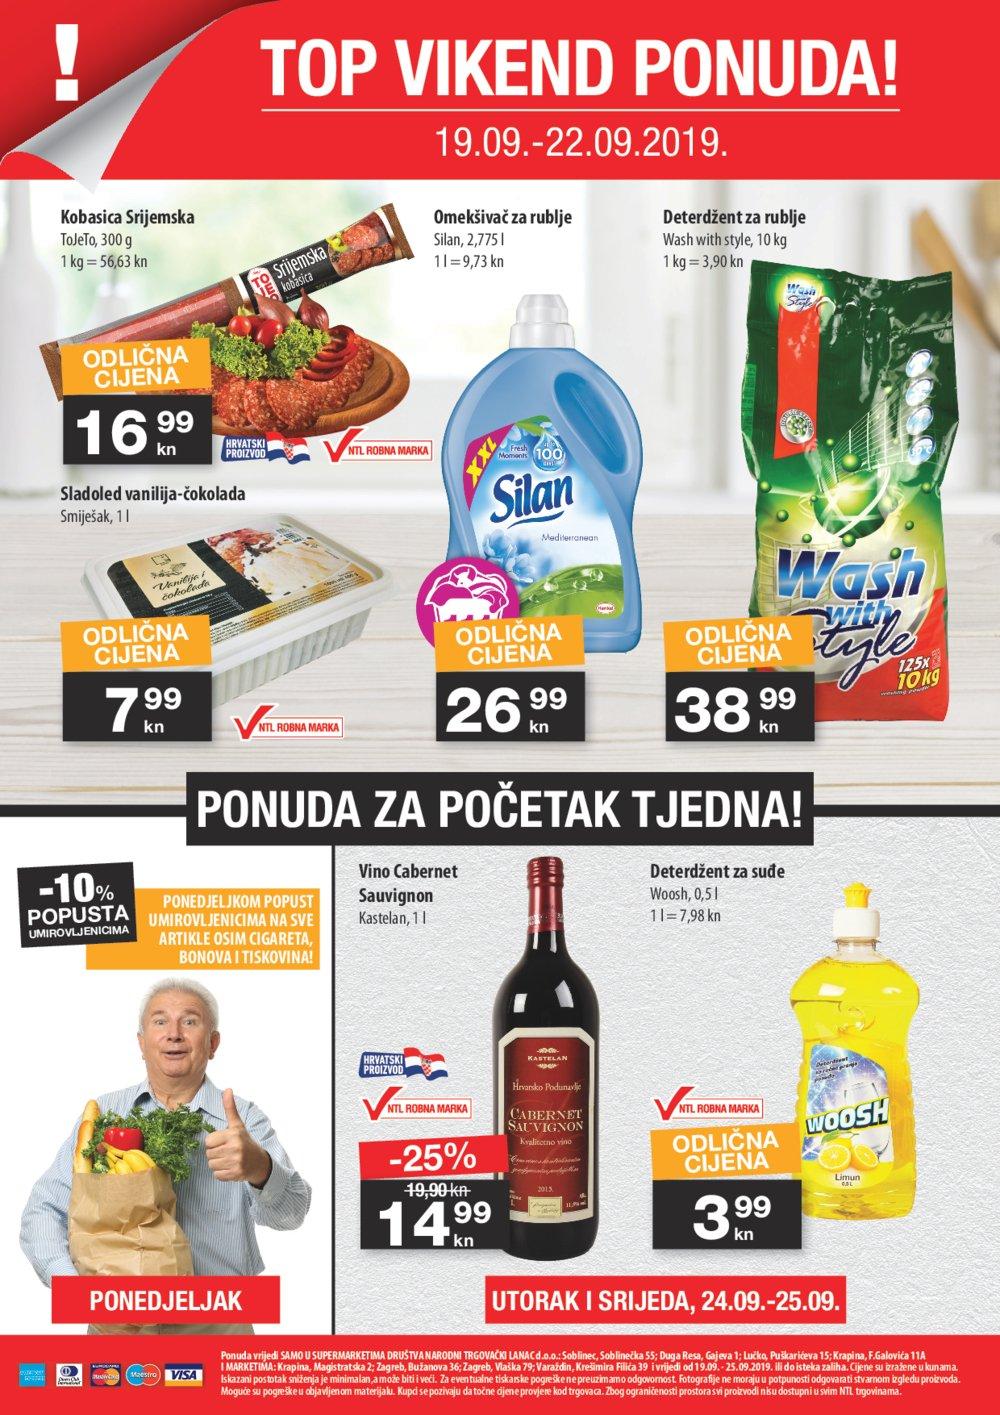 NTL katalog akcija 19.09.-25.09.2019. Soblinec, Duga Resa, lučko, Krapina F.Galovića, Krapina magistarska, Zagreb Bužanova, Zagreb Vlaška, Varaždin